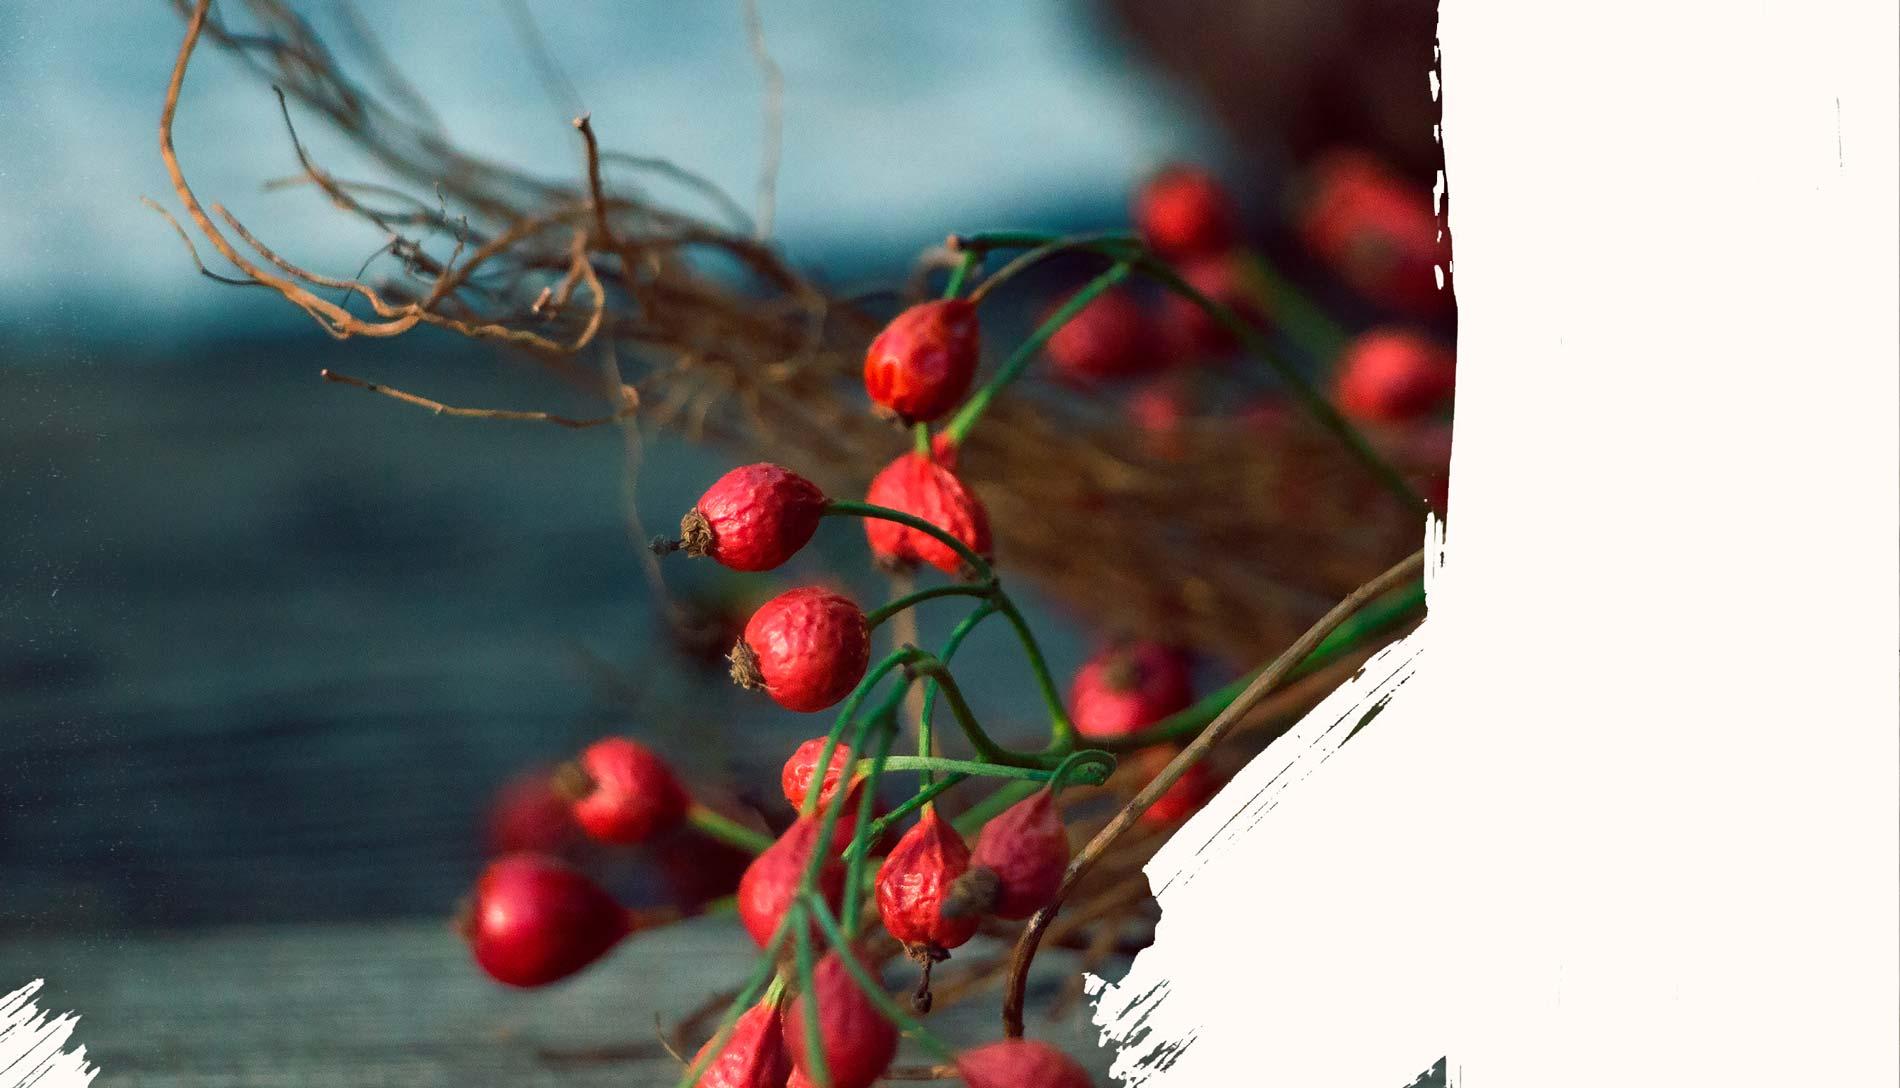 Willkommen in der Herbal Hunter Wildkräuterküche! Eine Auswahl an saisonalen und gesunden Kräuterrezepten mit frischen wildem Grün.